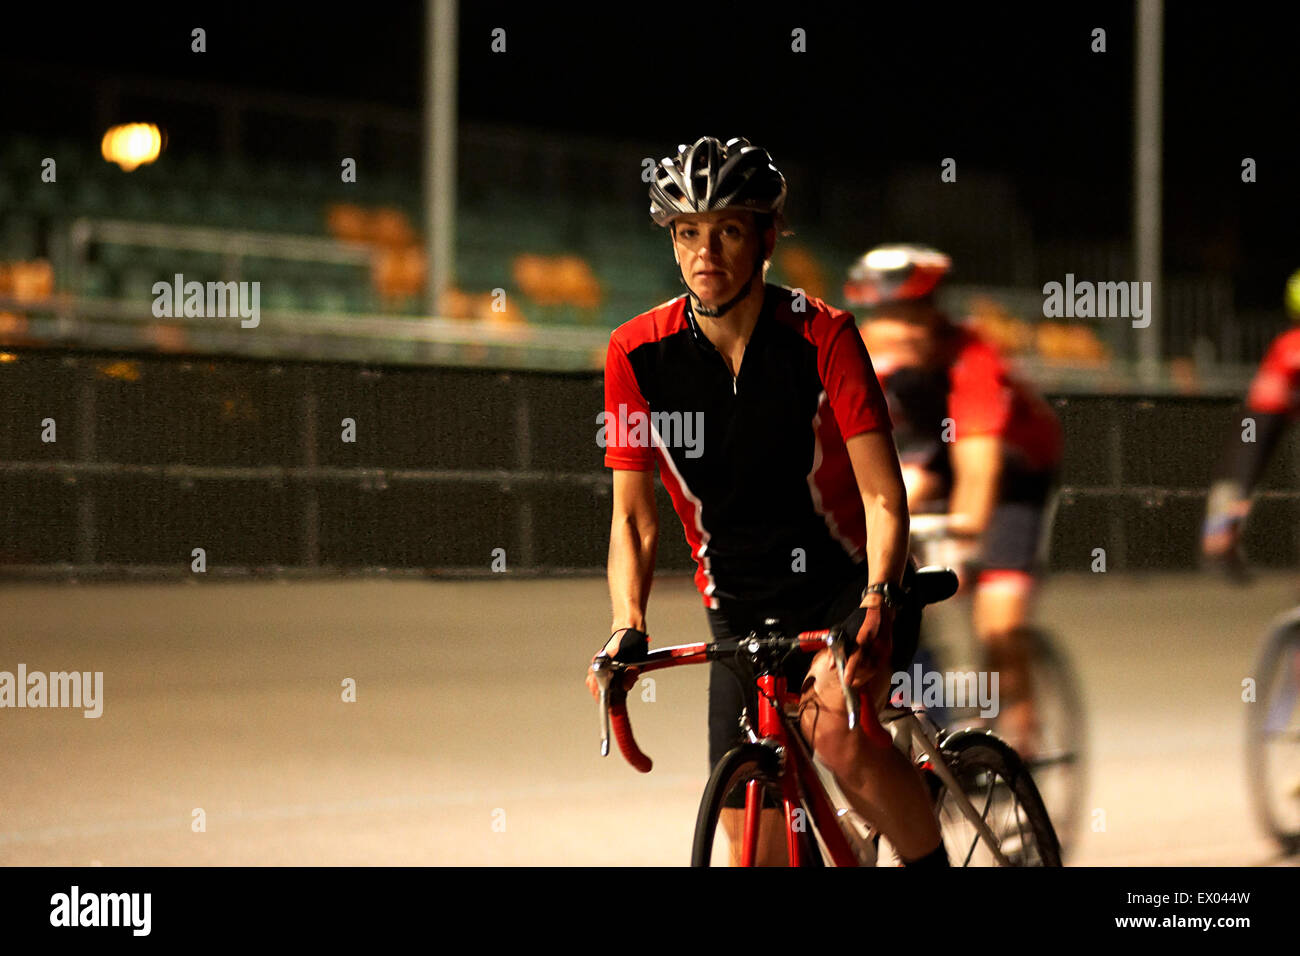 Les cyclistes du vélo sur la voie au vélodrome Photo Stock